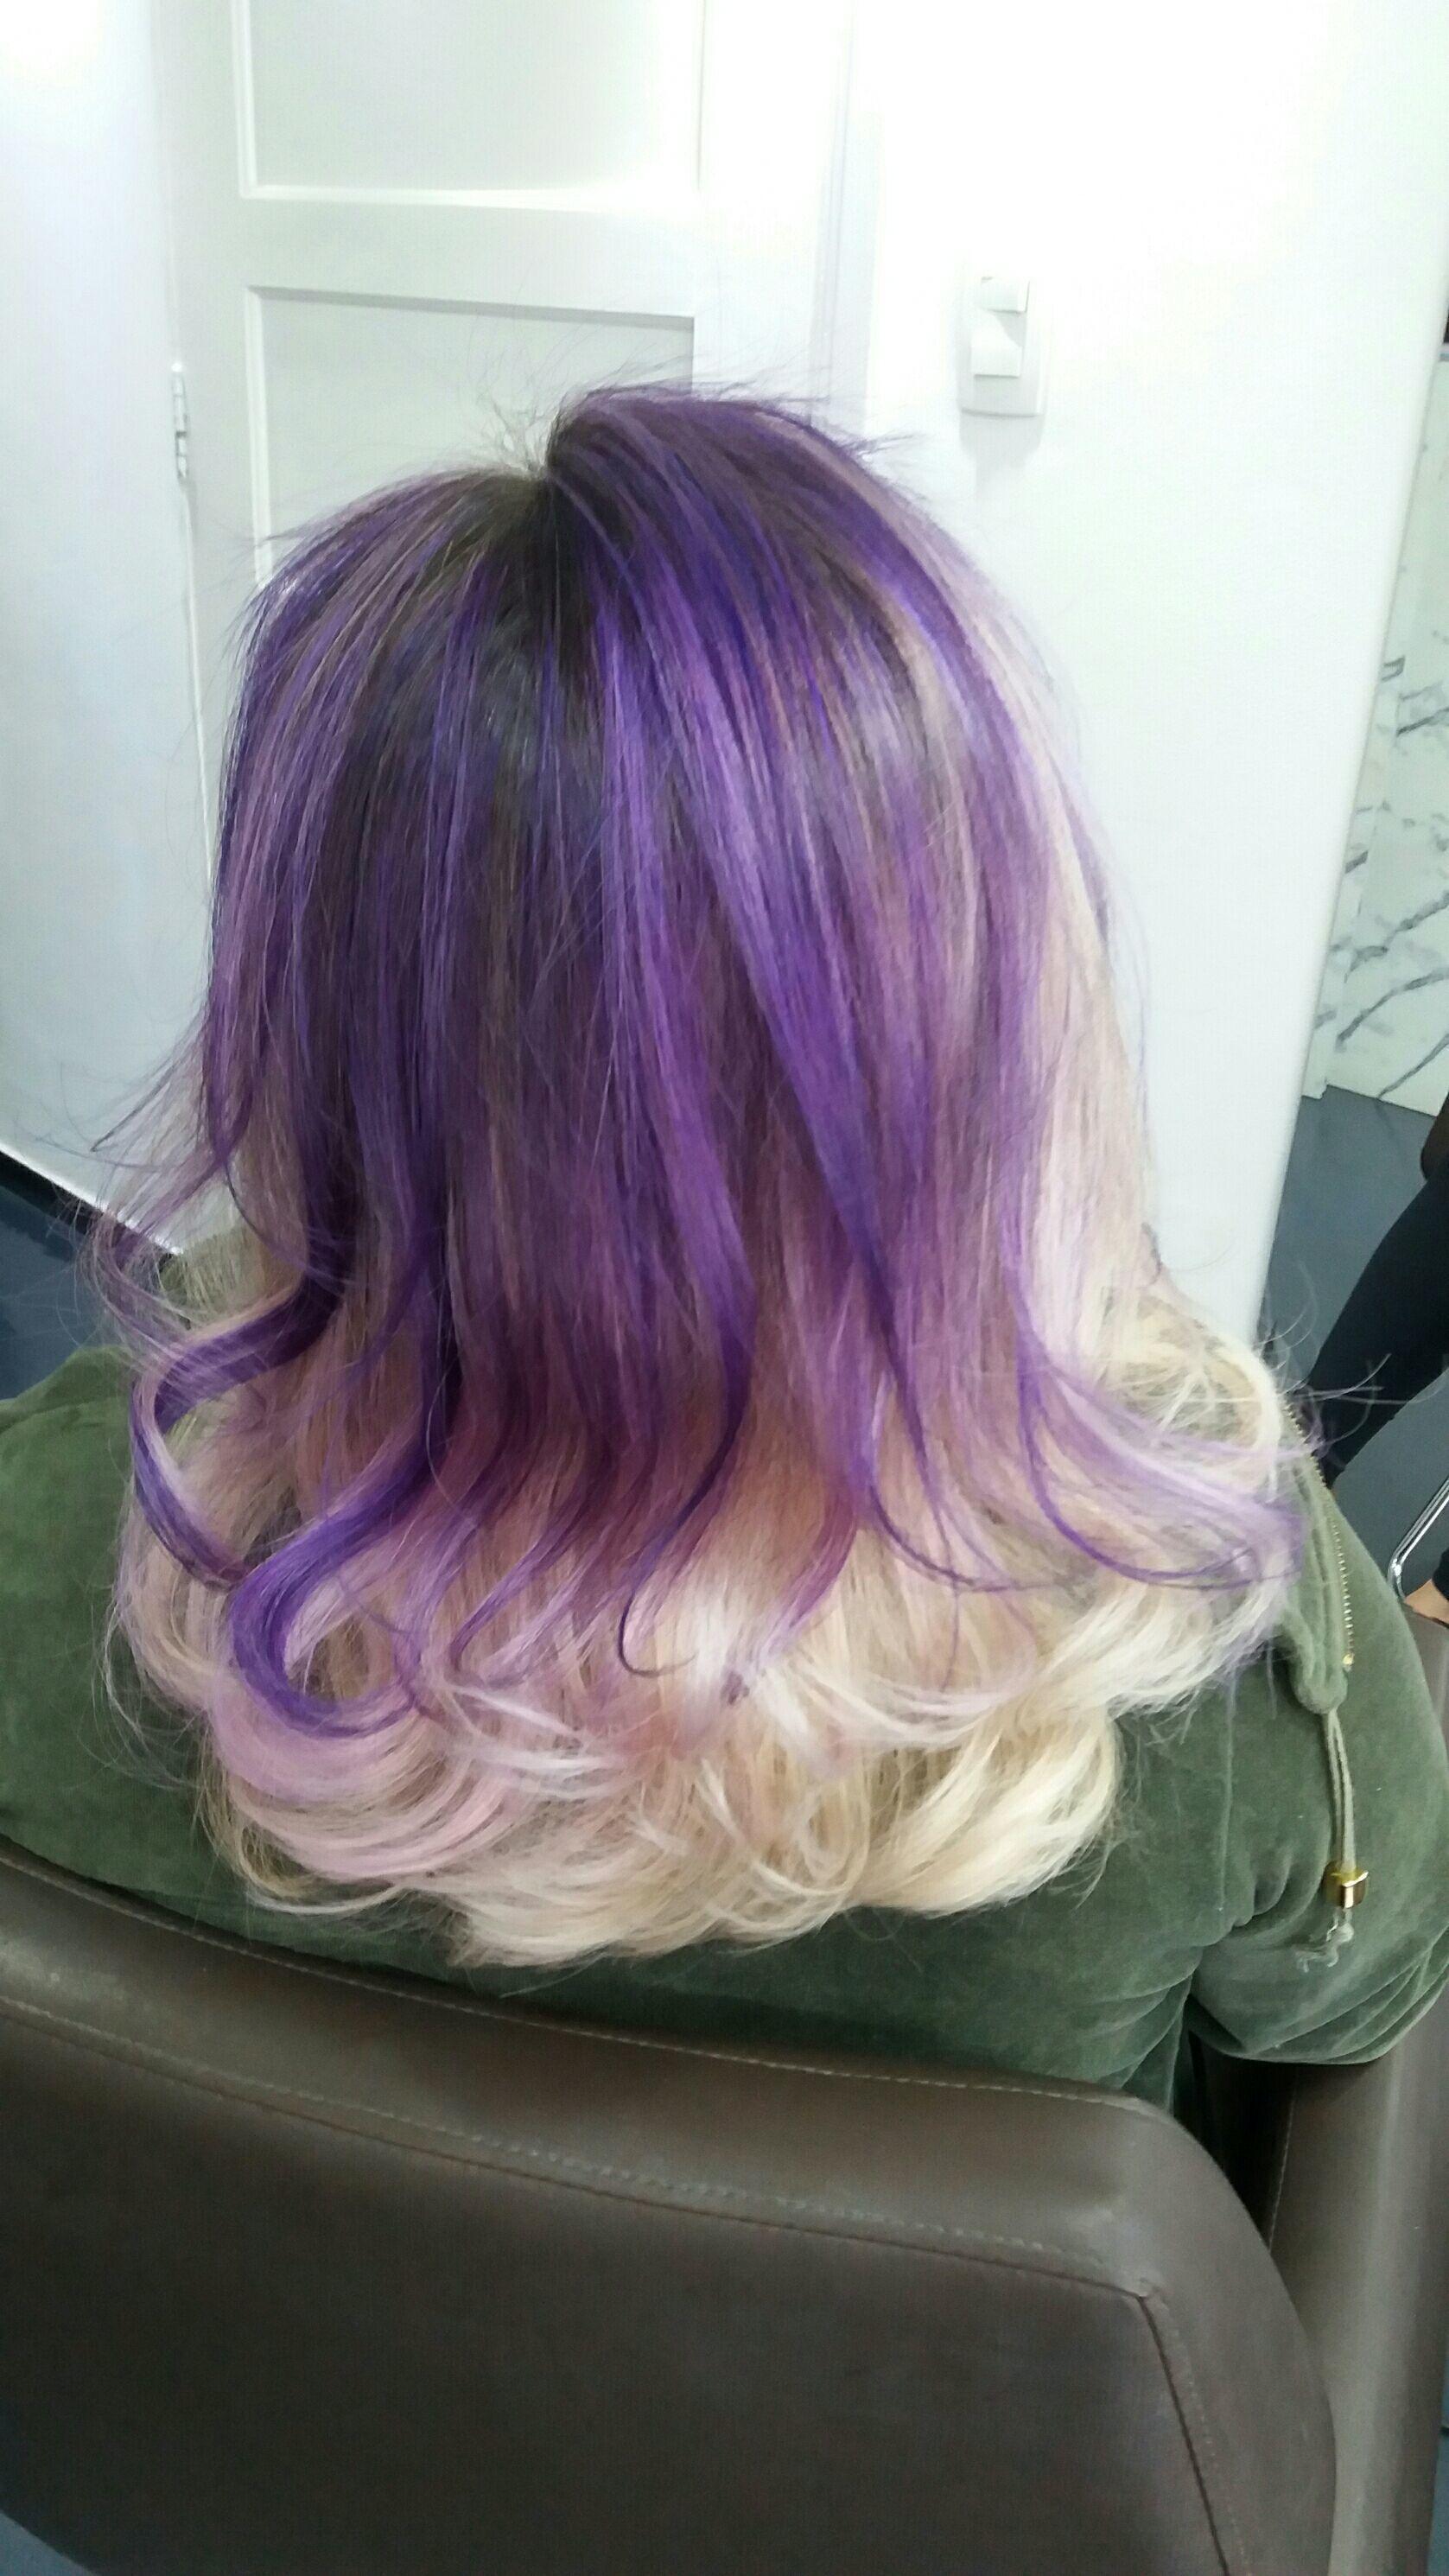 Pra quem gosta de um cabelo colorido. Mechas roxas. cabelo cabeleireiro(a)